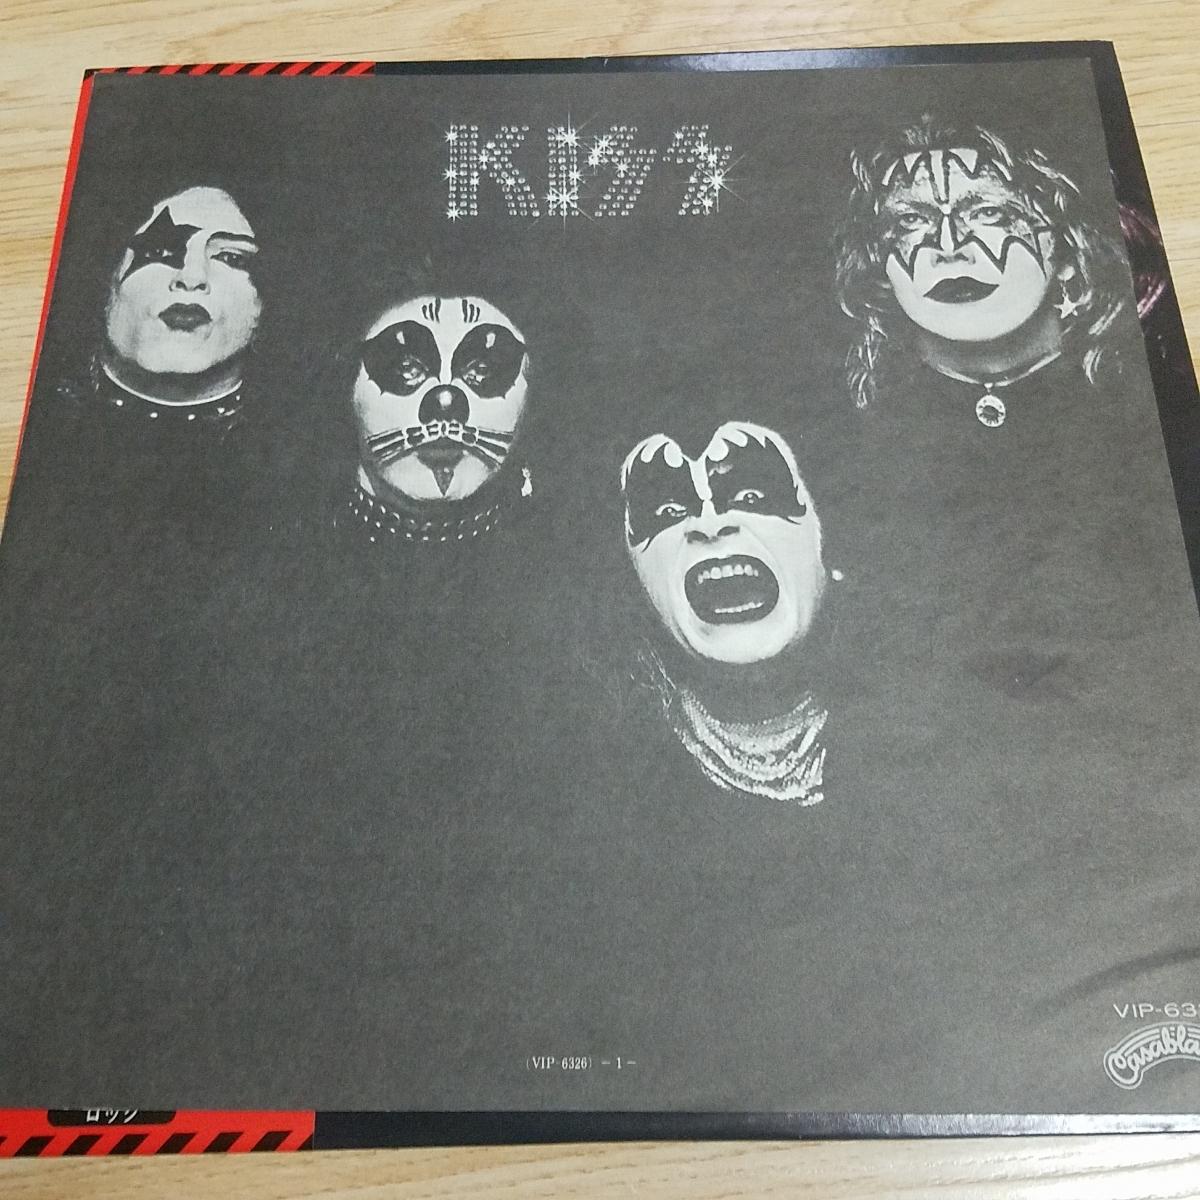 帯 LP 地獄からの使者 キッス KISS ファースト_画像4